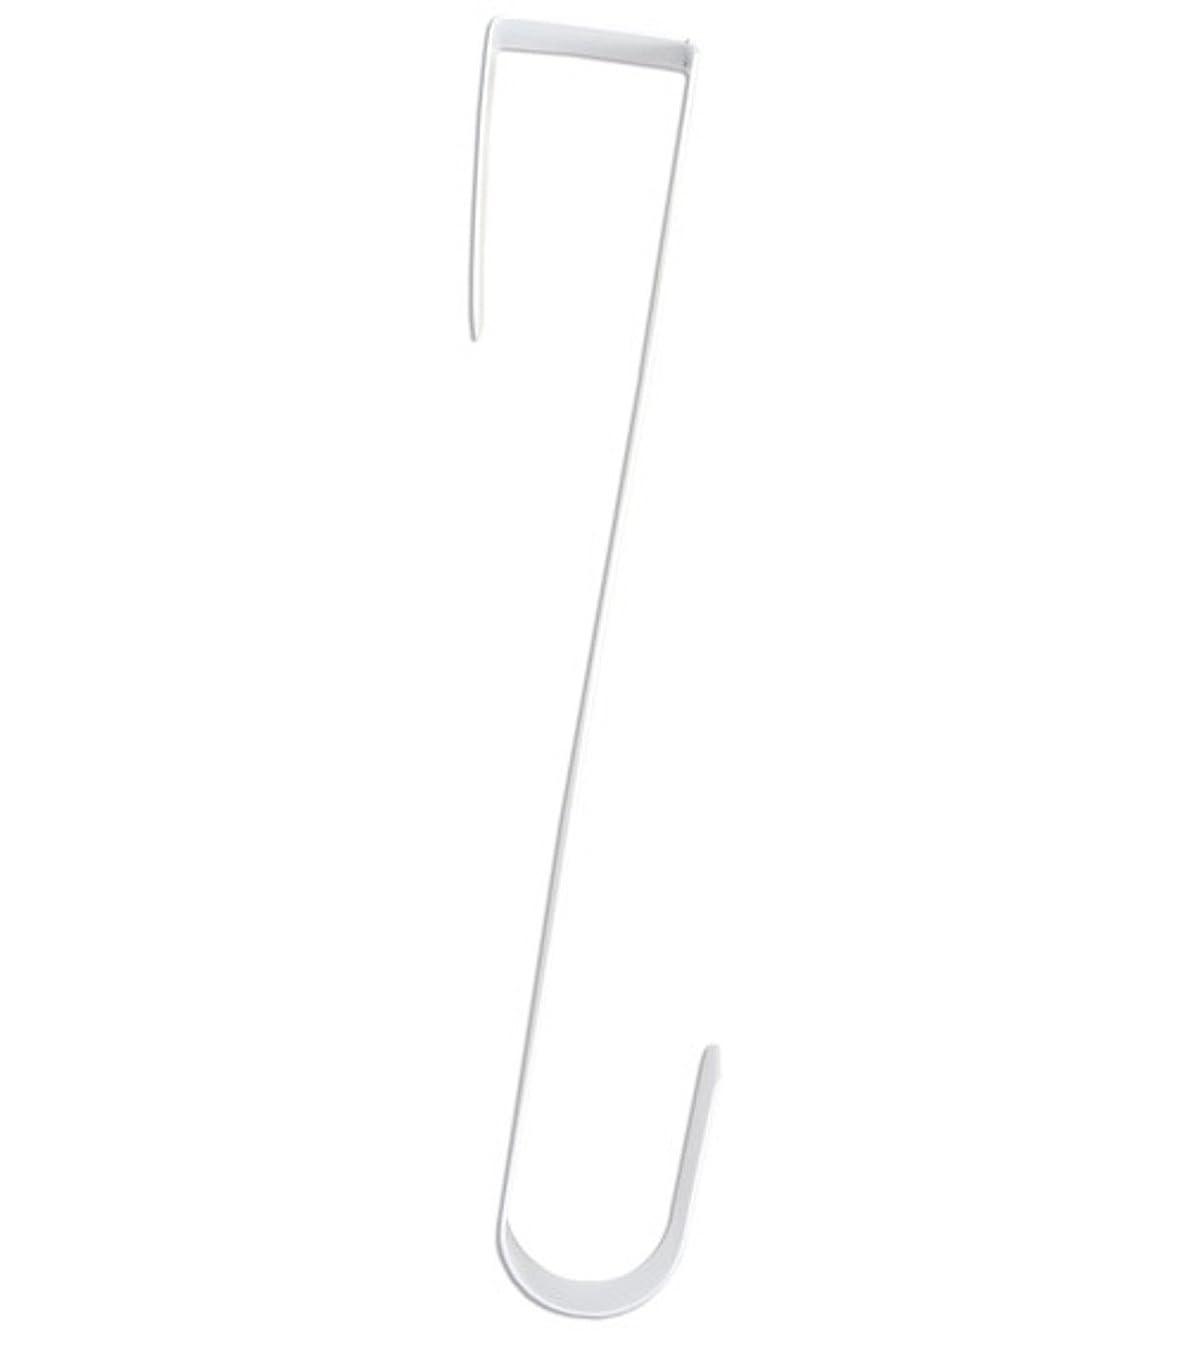 Darice 12 Inch Heavy Duty Door Wreath Hanger (White)